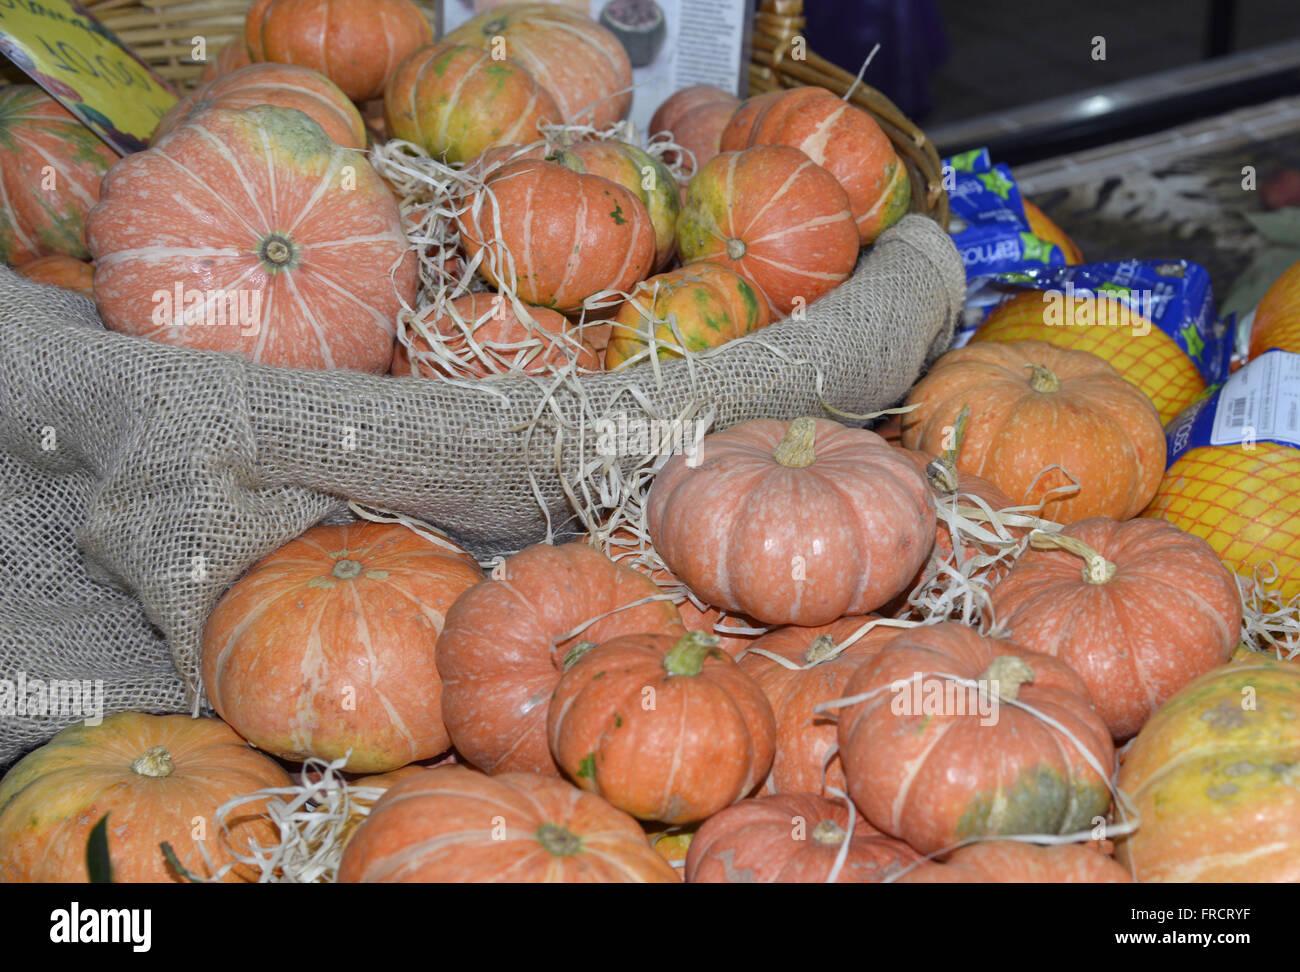 La zucca-squash e meloni per la vendita nel mercato della città Immagini Stock